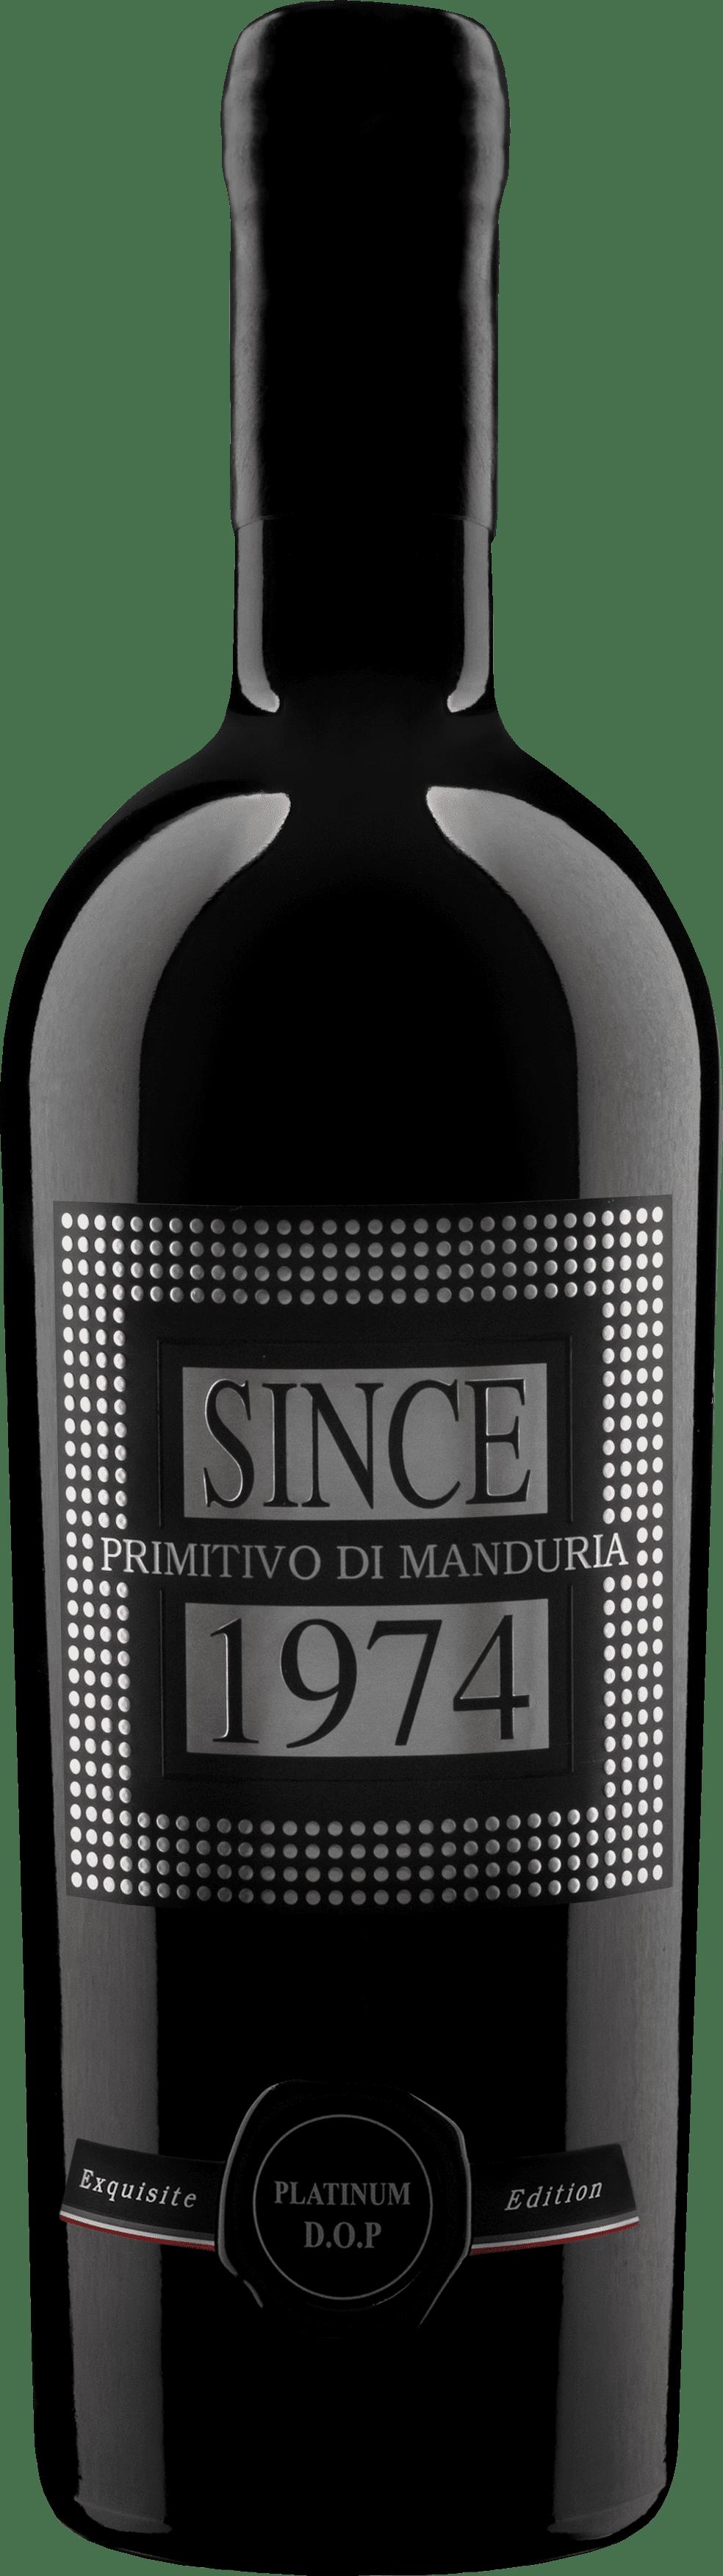 Raudonas sausas vynas SINCE 1974  Primitivo Di Manduria Limited Edition D.O.P. 0.75l